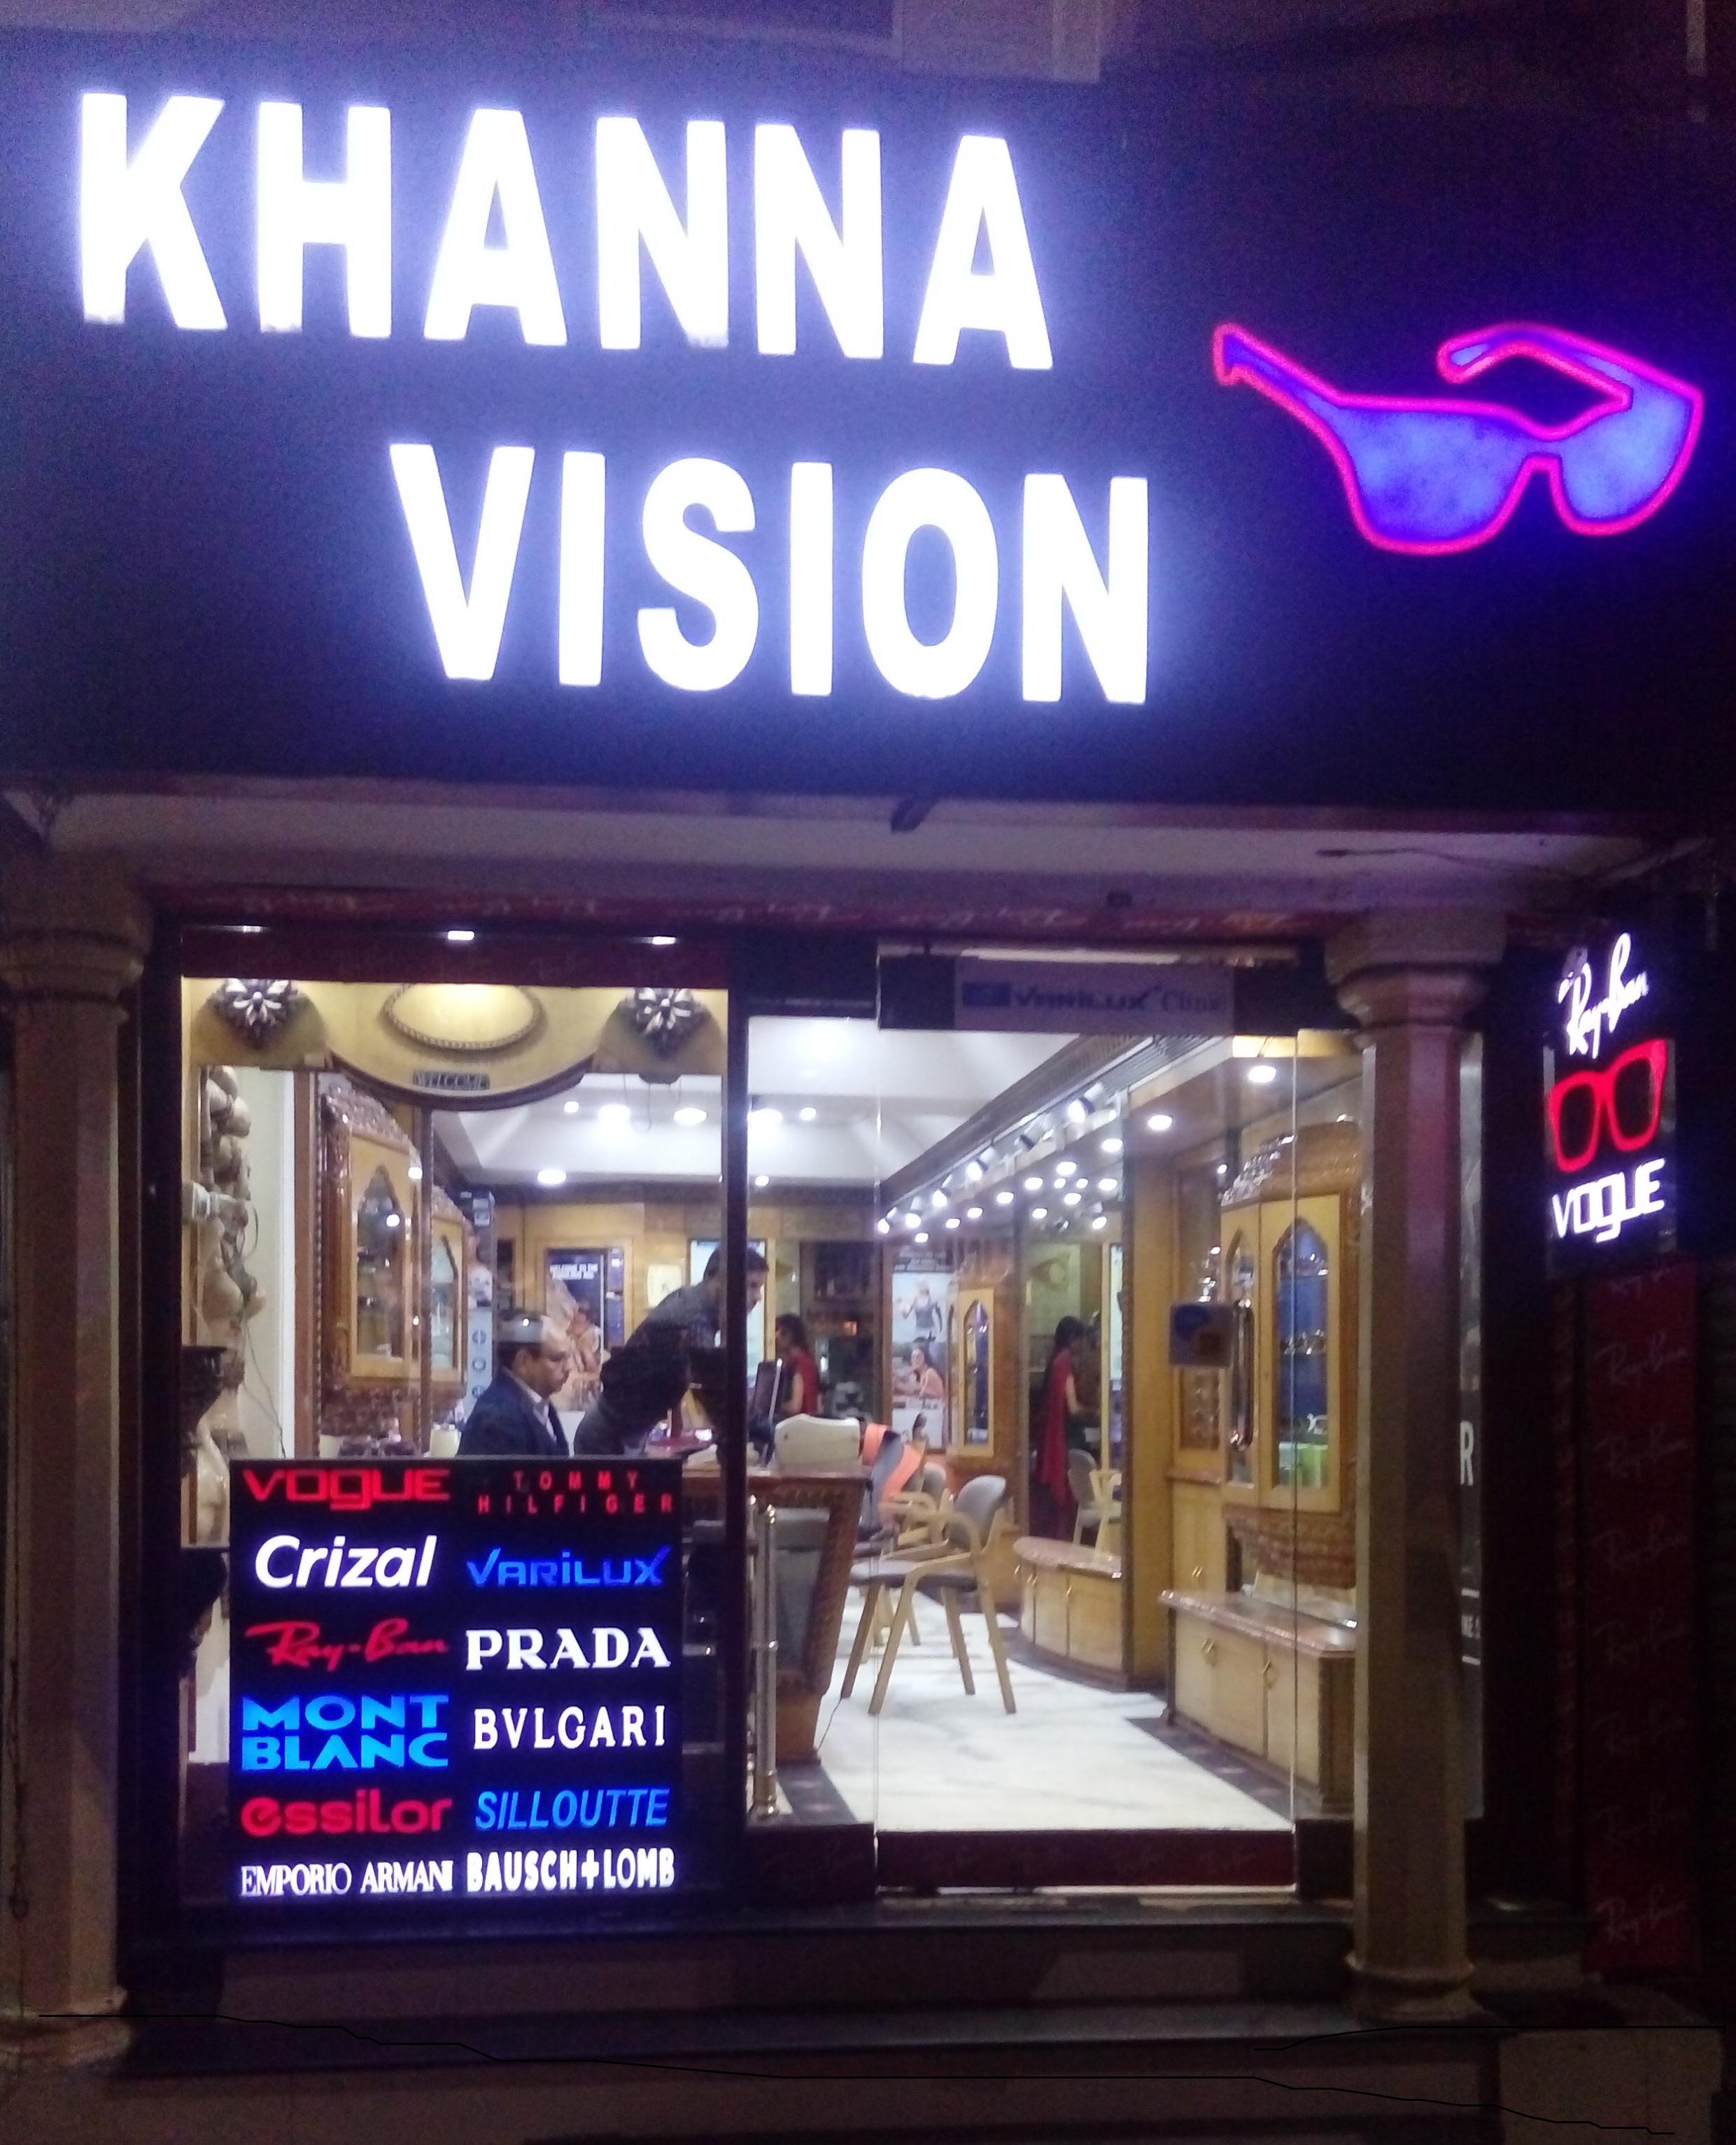 Khanna Vision